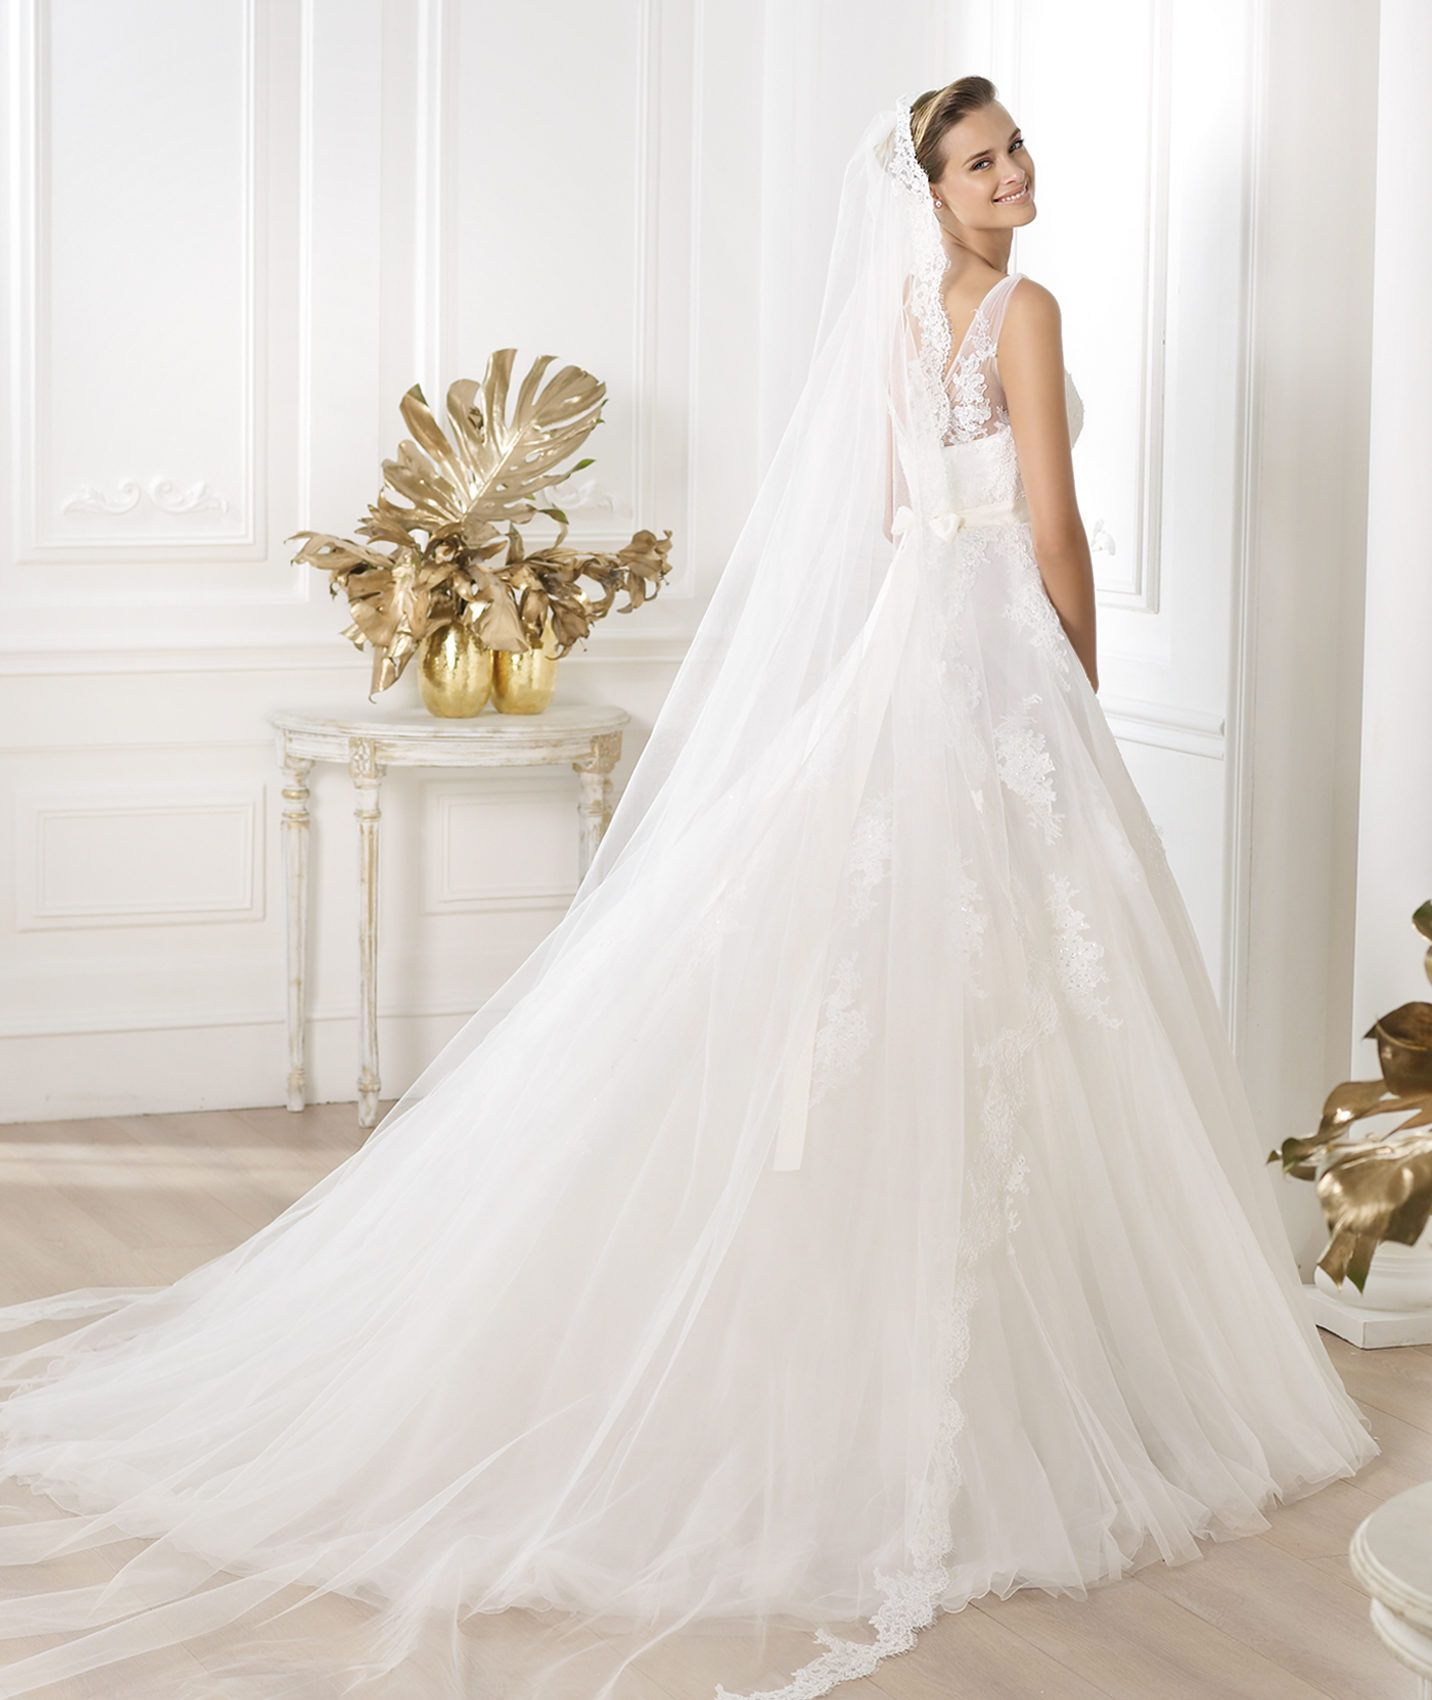 LAURIS_C.jpg (10×10)  Kleid hochzeit, Hochzeitskleid